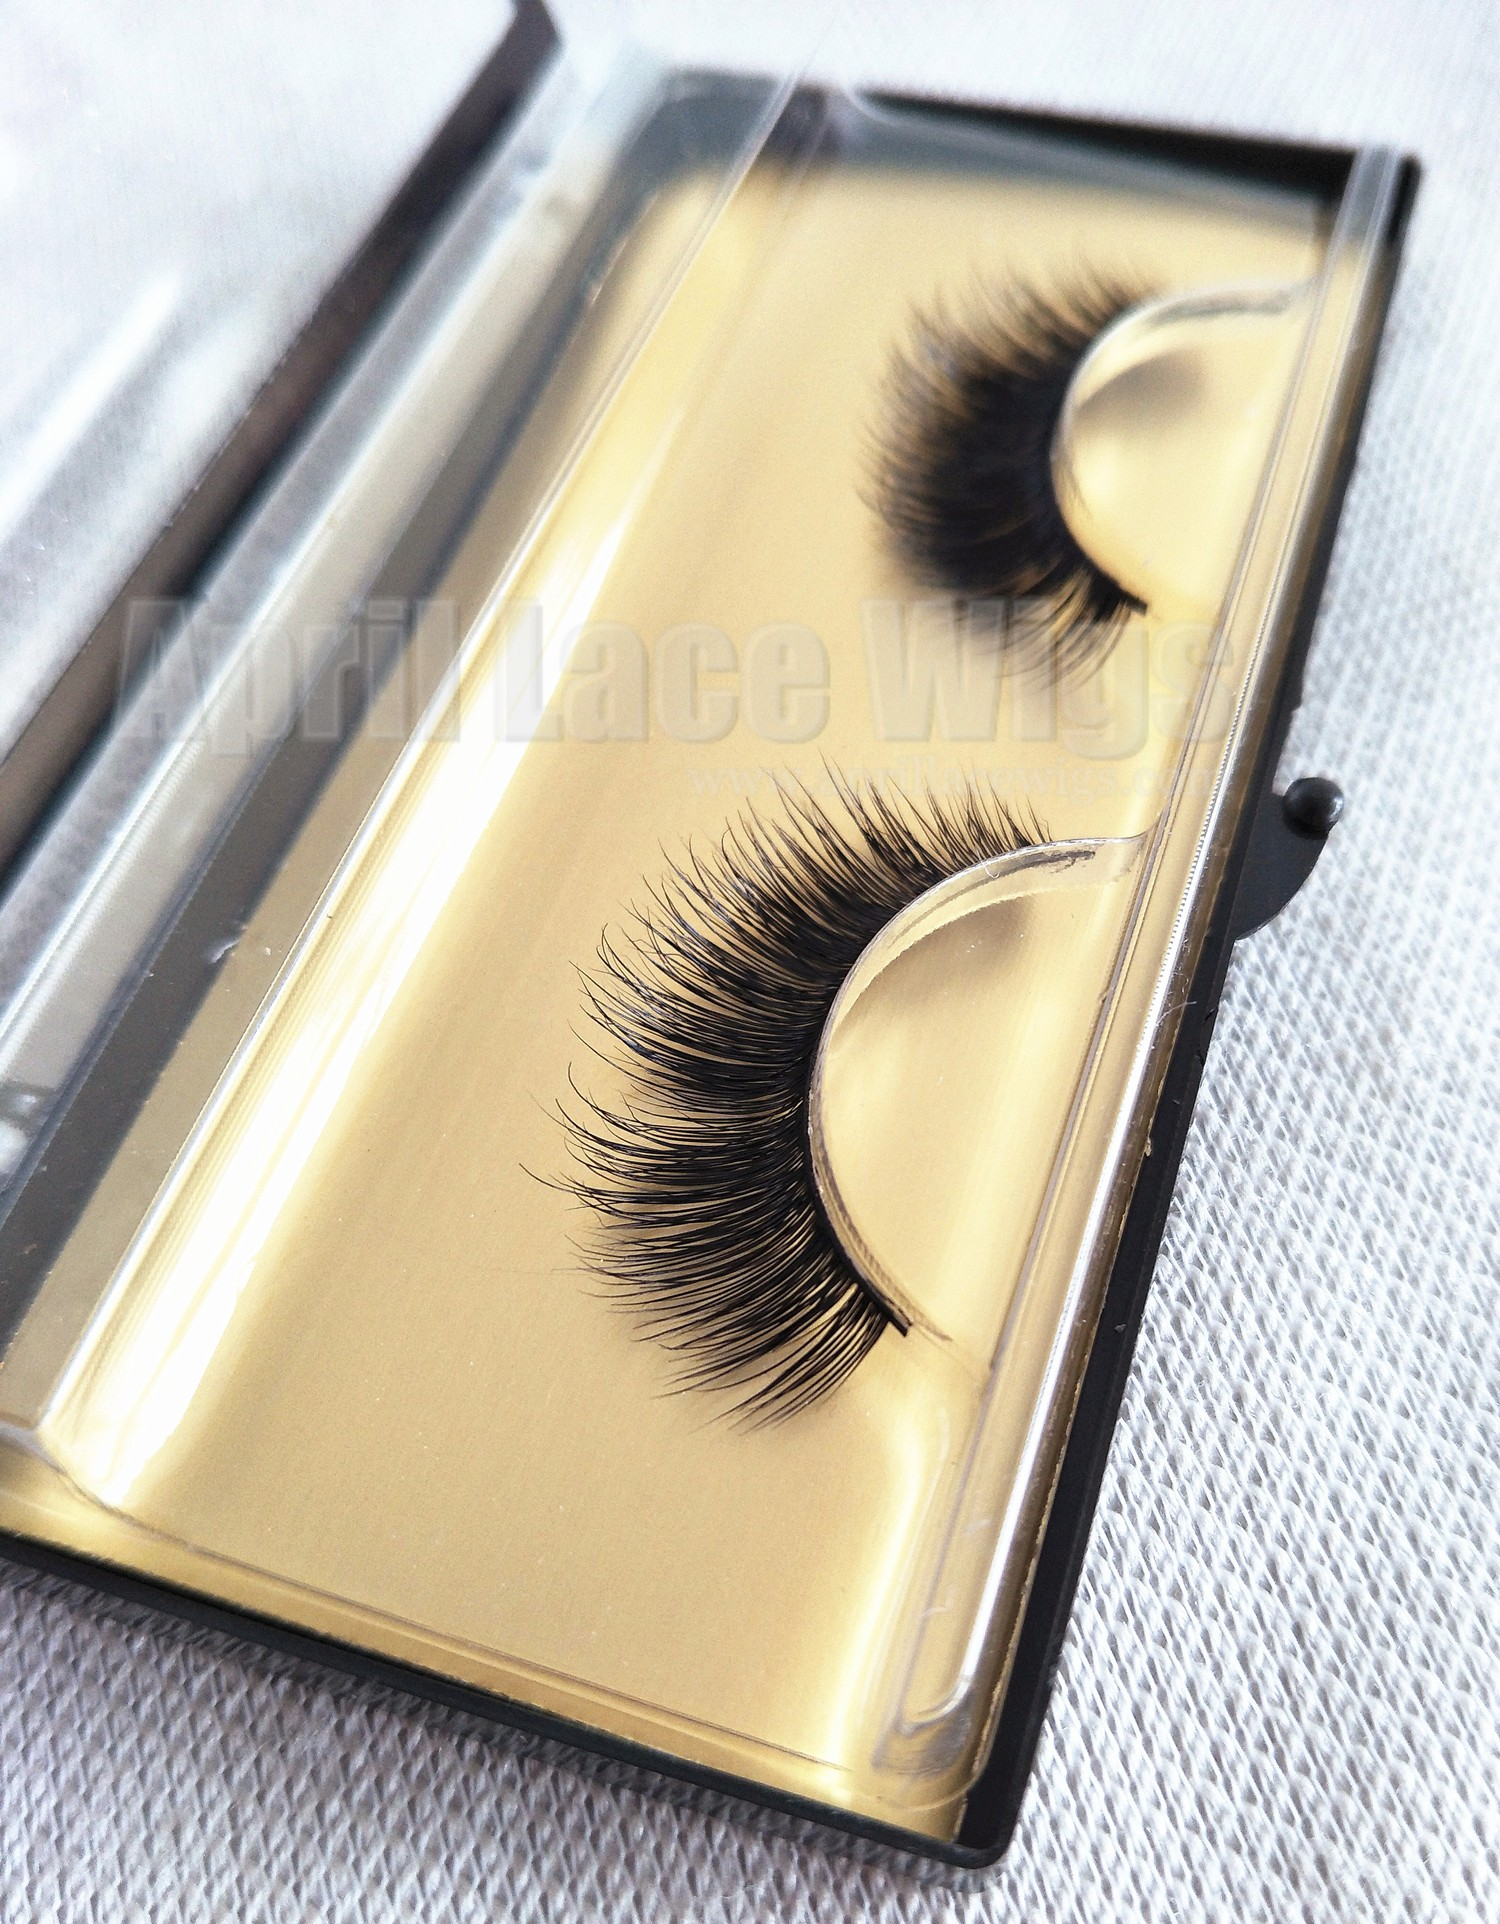 Mink effect false eyelashes